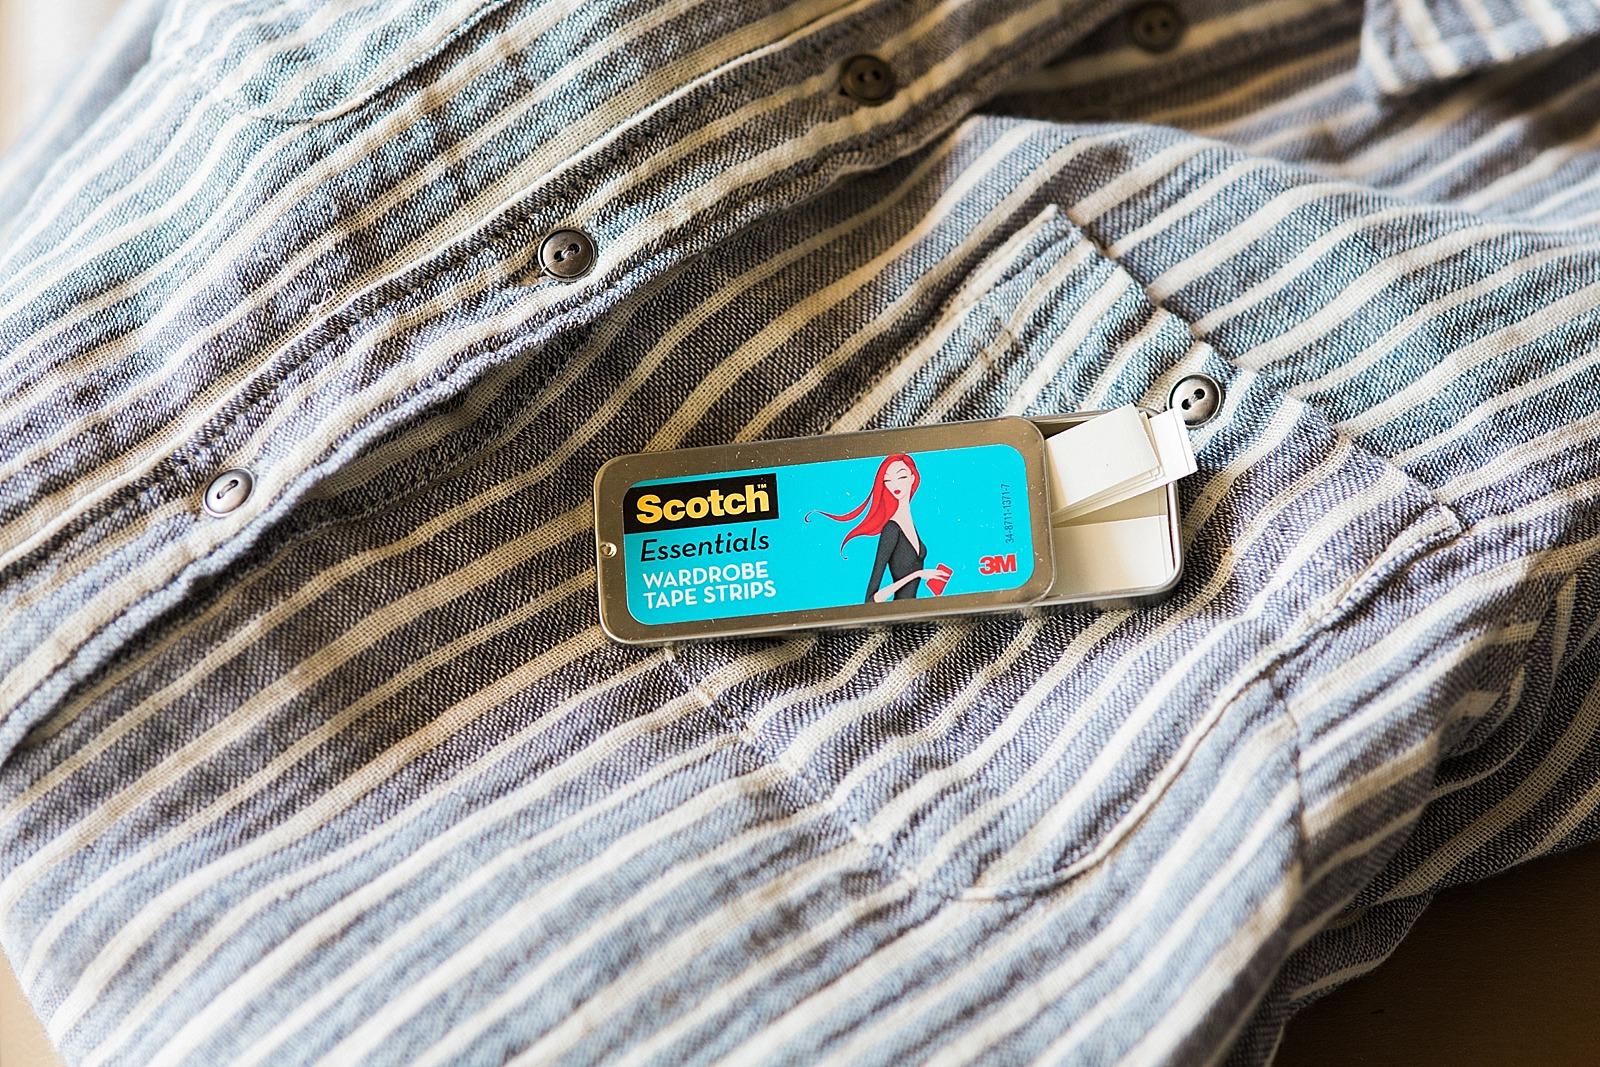 scotch-essentials-diana-elizabeth-blog-0270